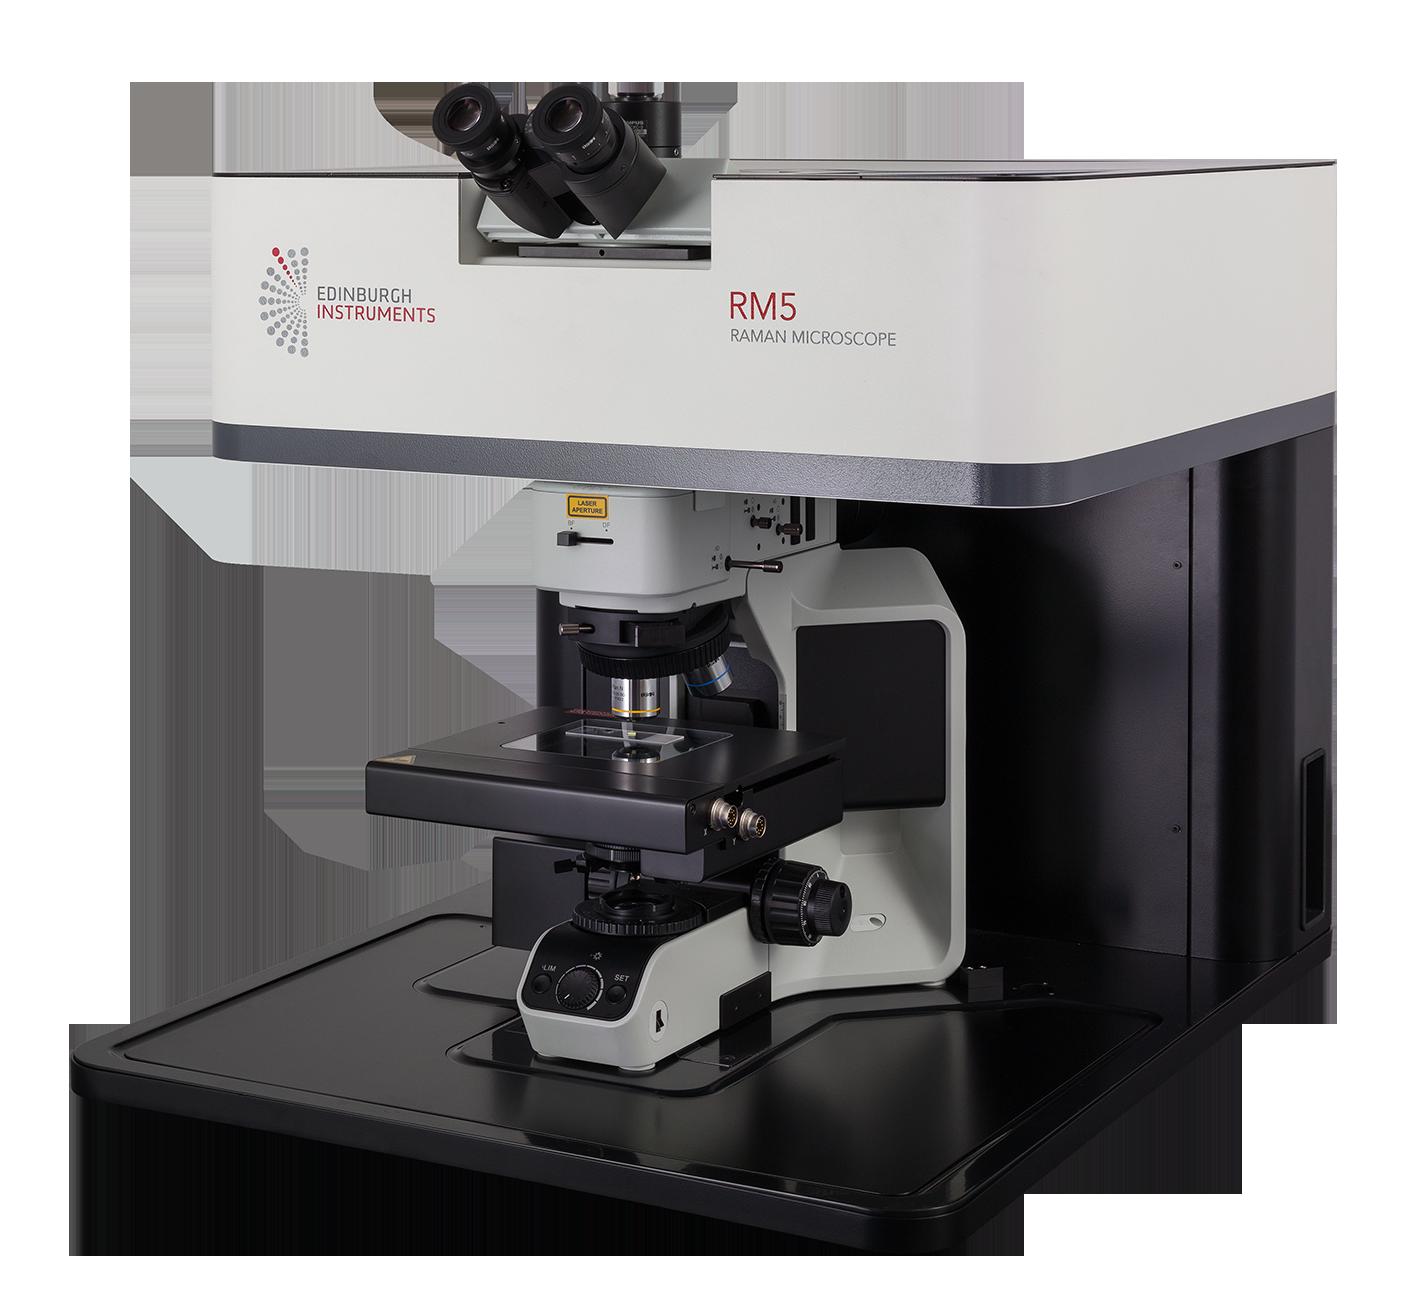 RM5 Raman Microscope